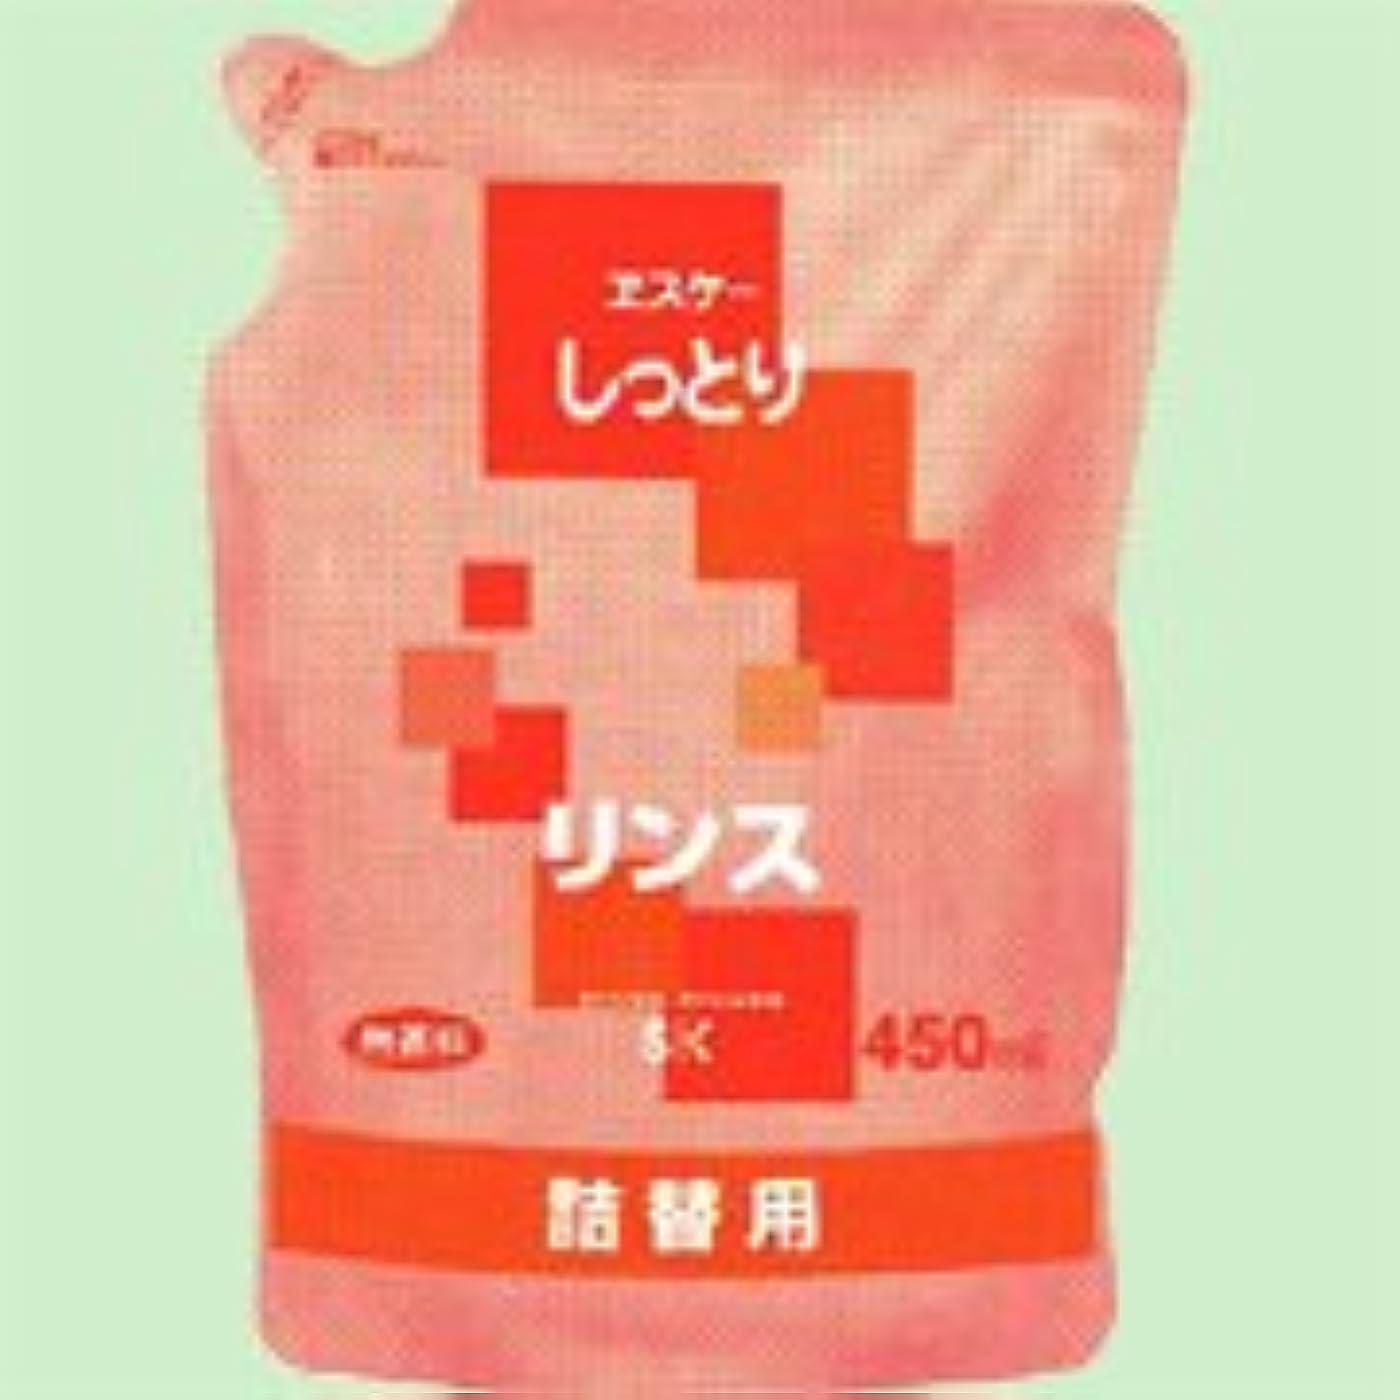 消えるパドル練るしっとりリンス 詰替用 450ml    ヱスケー石鹸